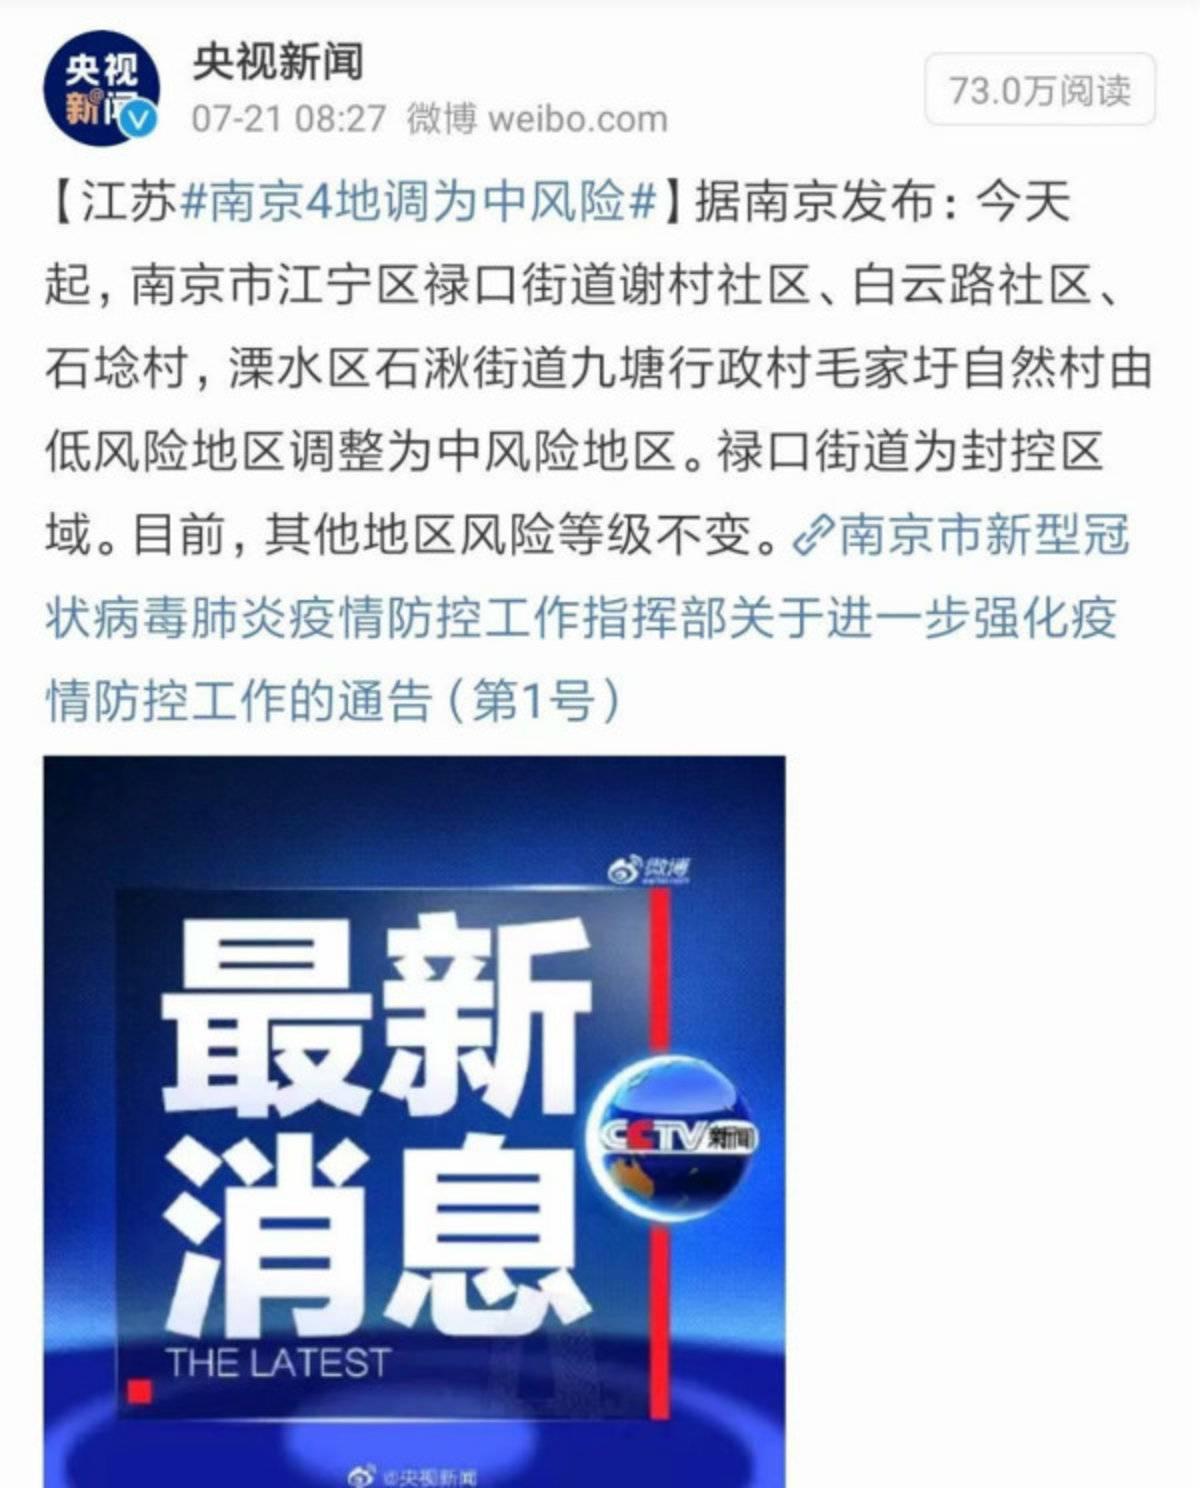 南京发现9个新冠病例请14天内途径禄口国际机场的所有人员主动上报